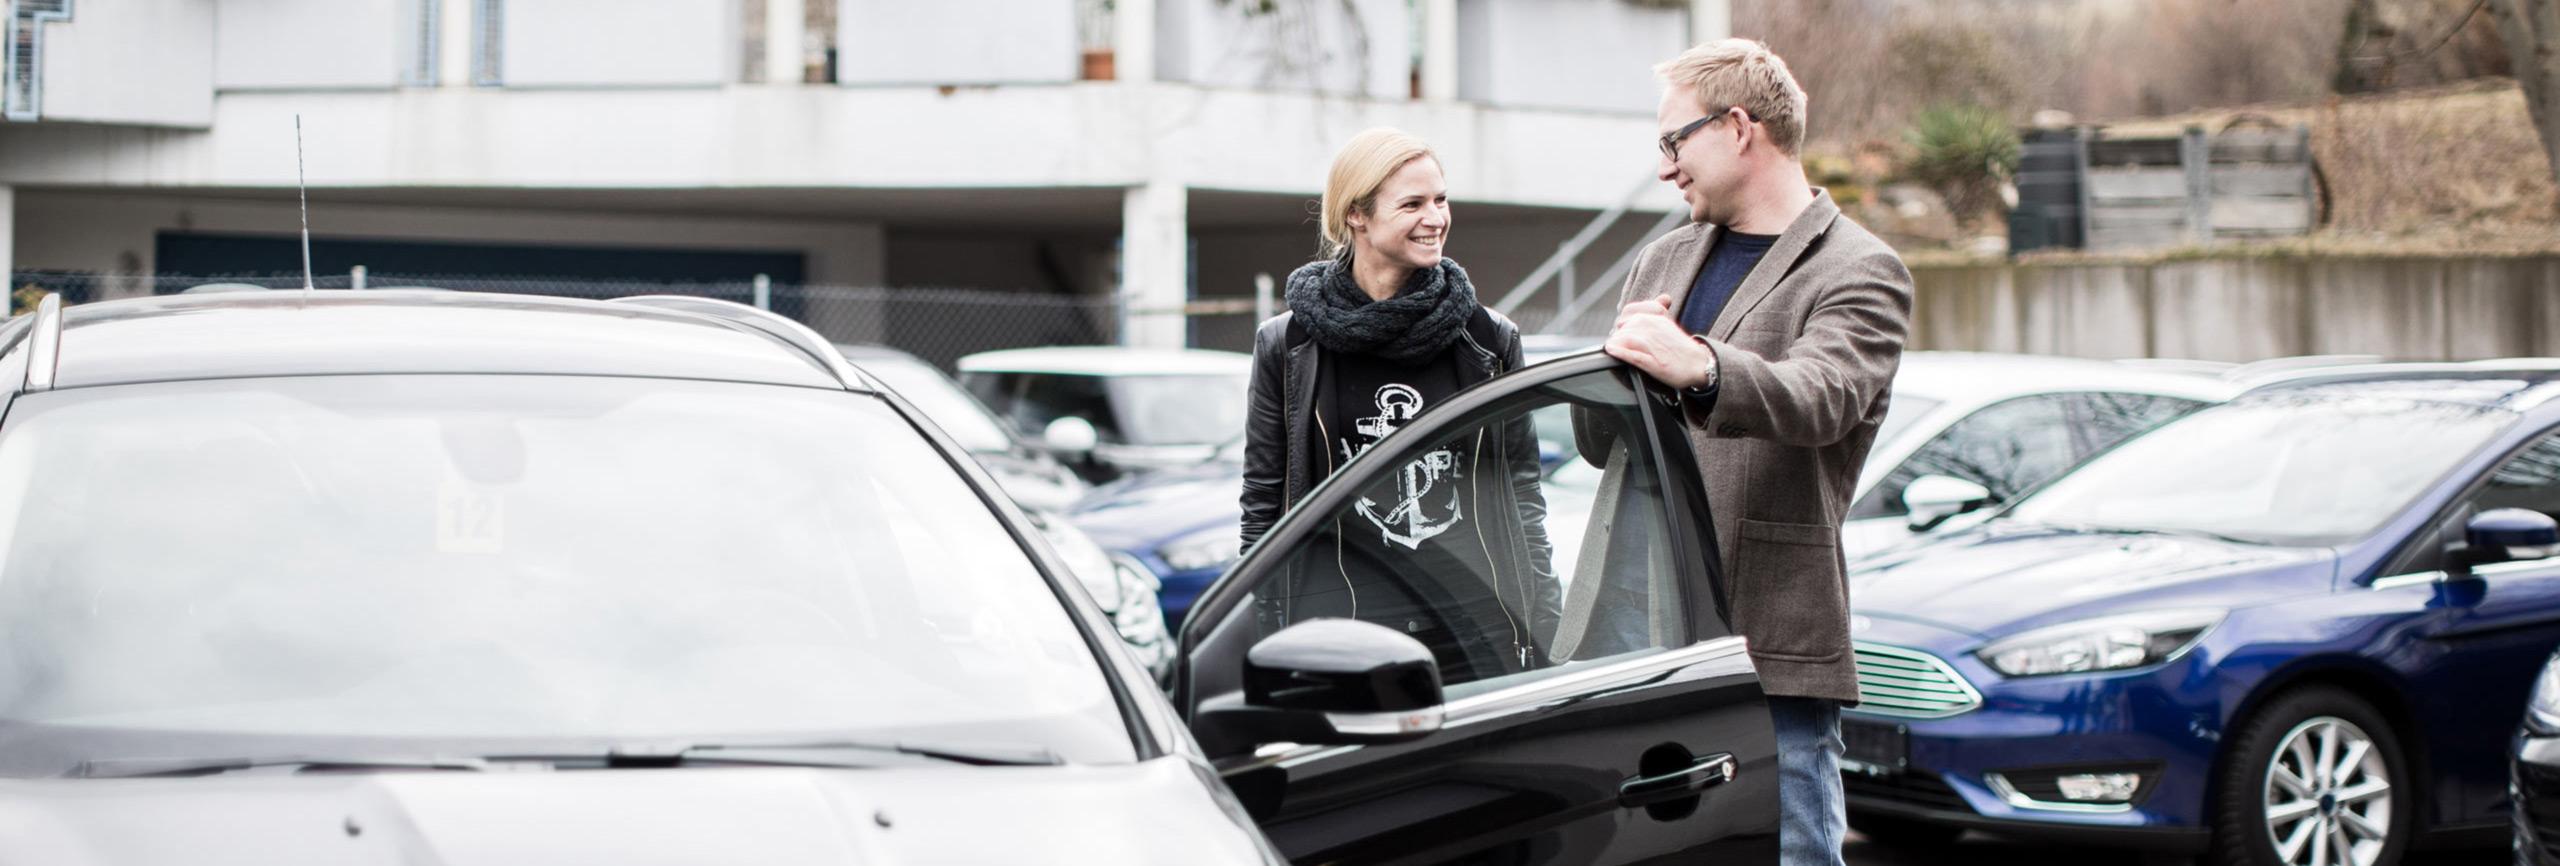 Ihr Autohaus Reichert in Dettingen - Fahrzeughandel